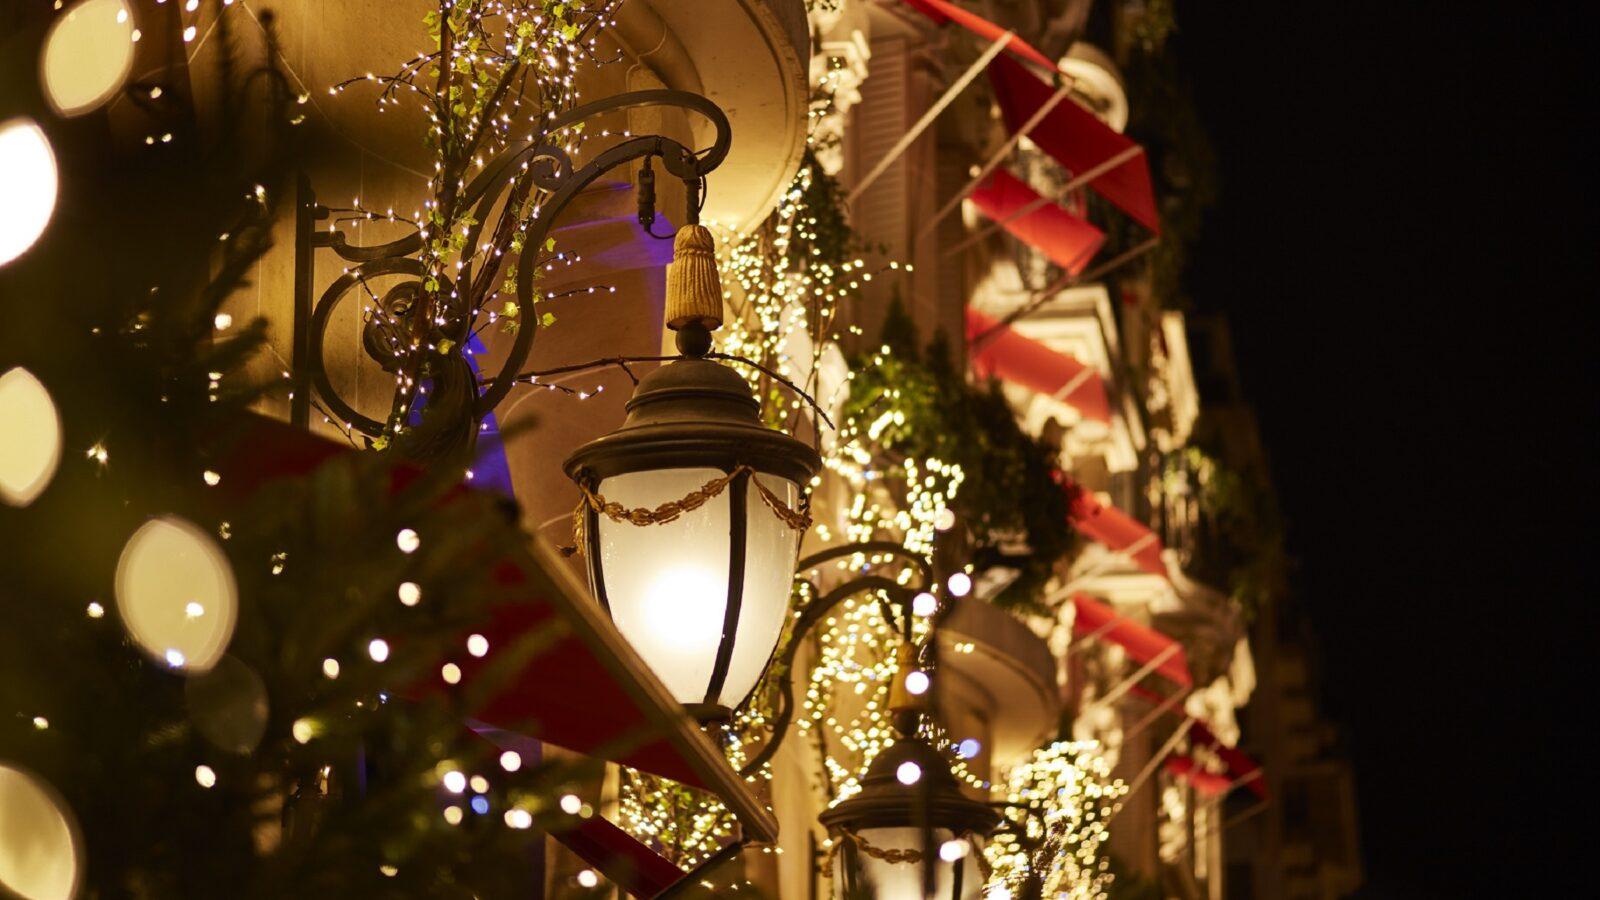 Festive Season at Hôtel Plaza Athénée, Paris